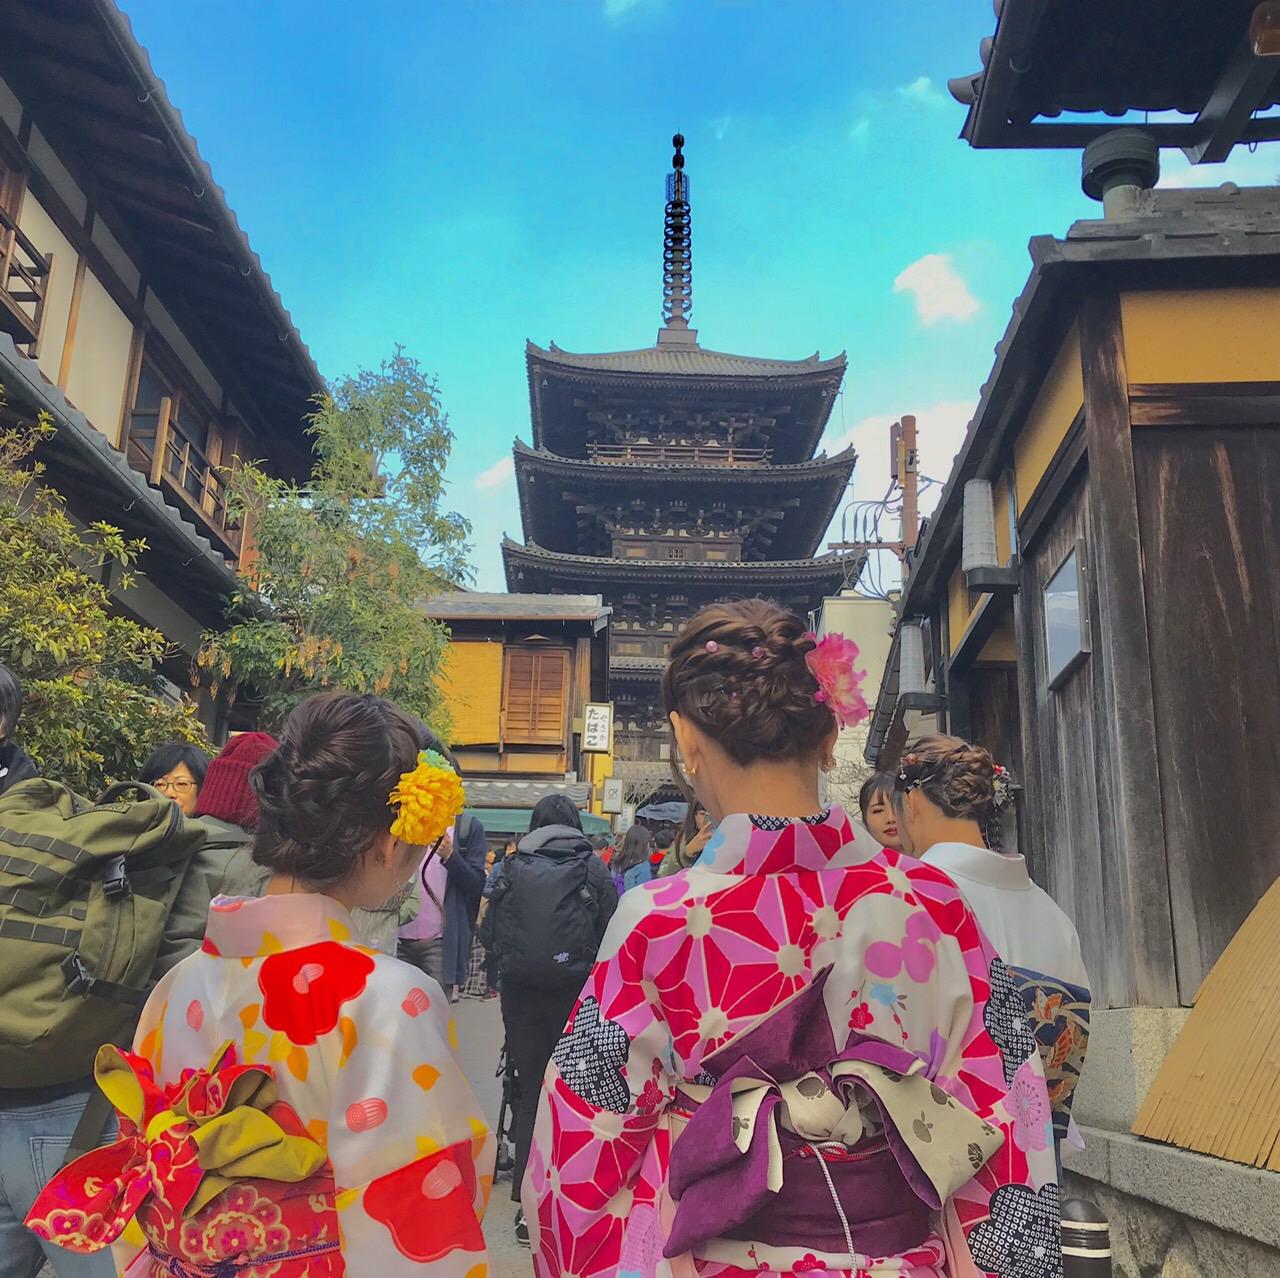 今日も京都御苑へお花見♡2019年3月26日7